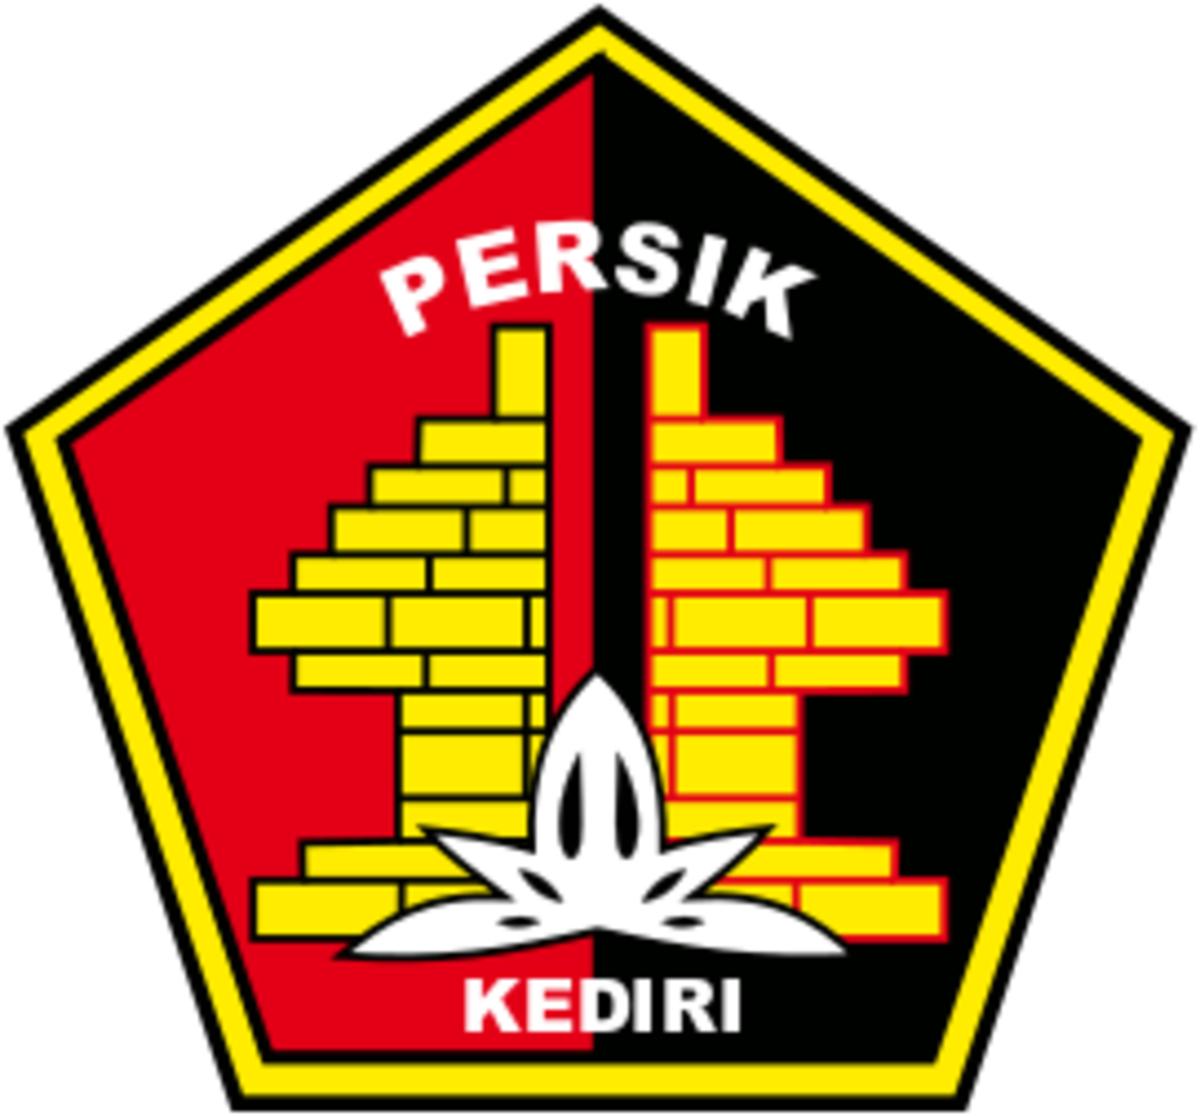 Persik Kediri - Wikipedia bahasa Indonesia, ensiklopedia bebas